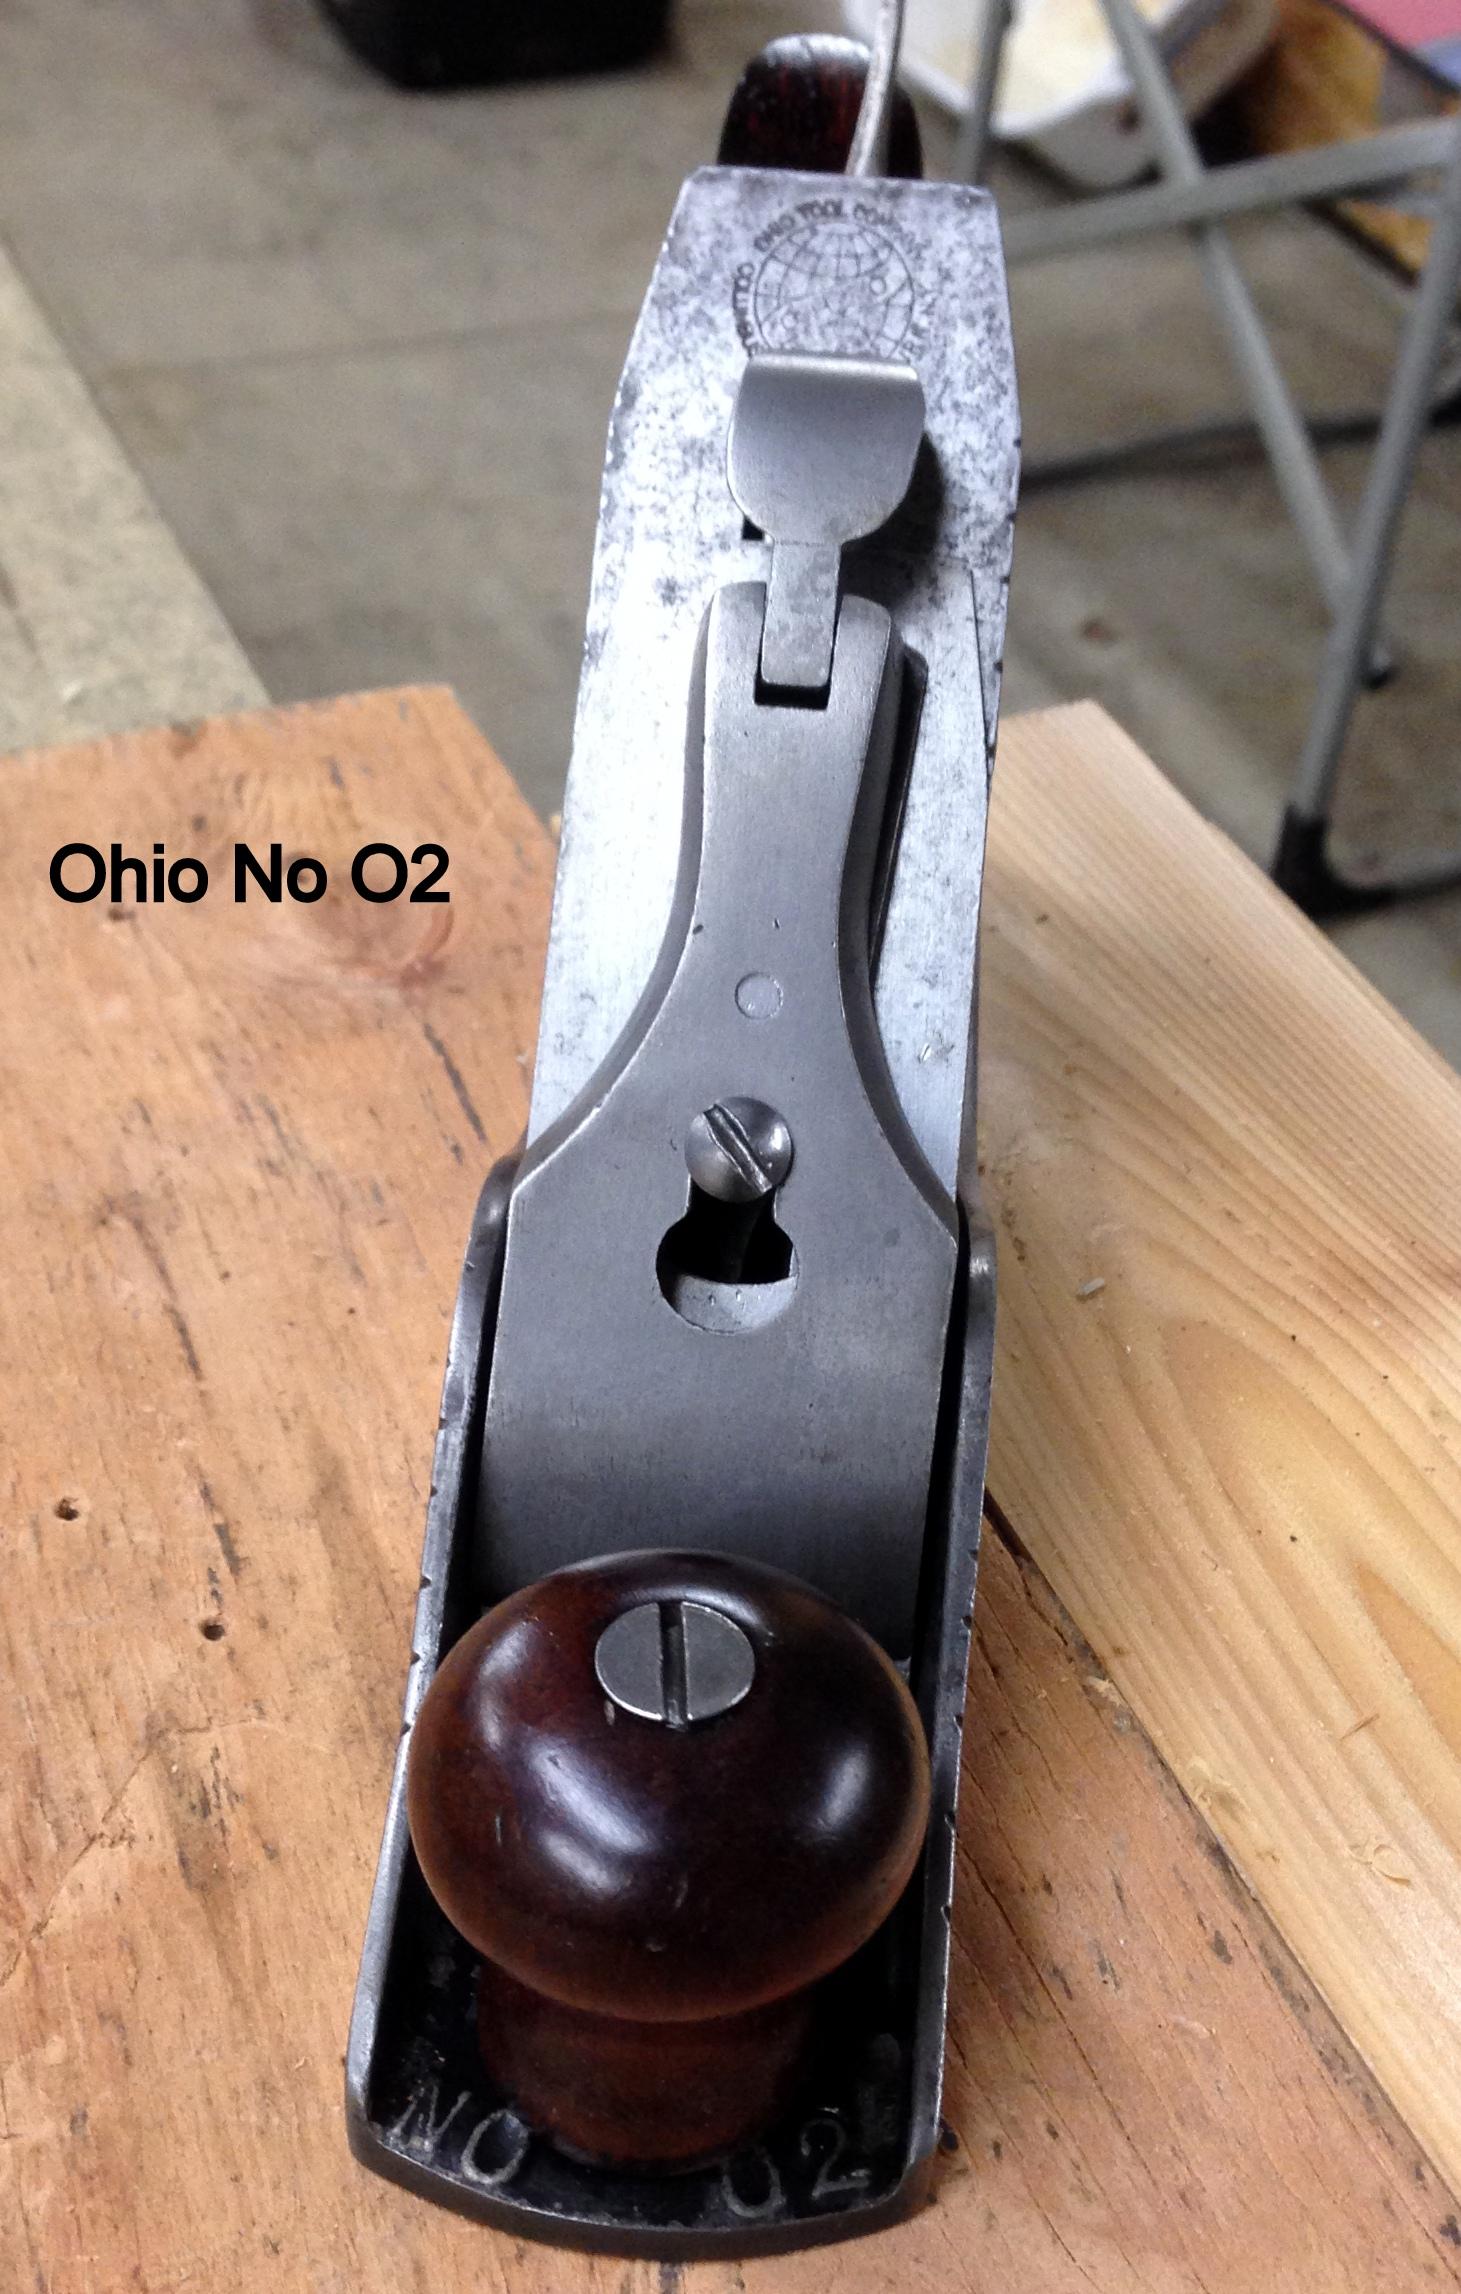 Ohio O2